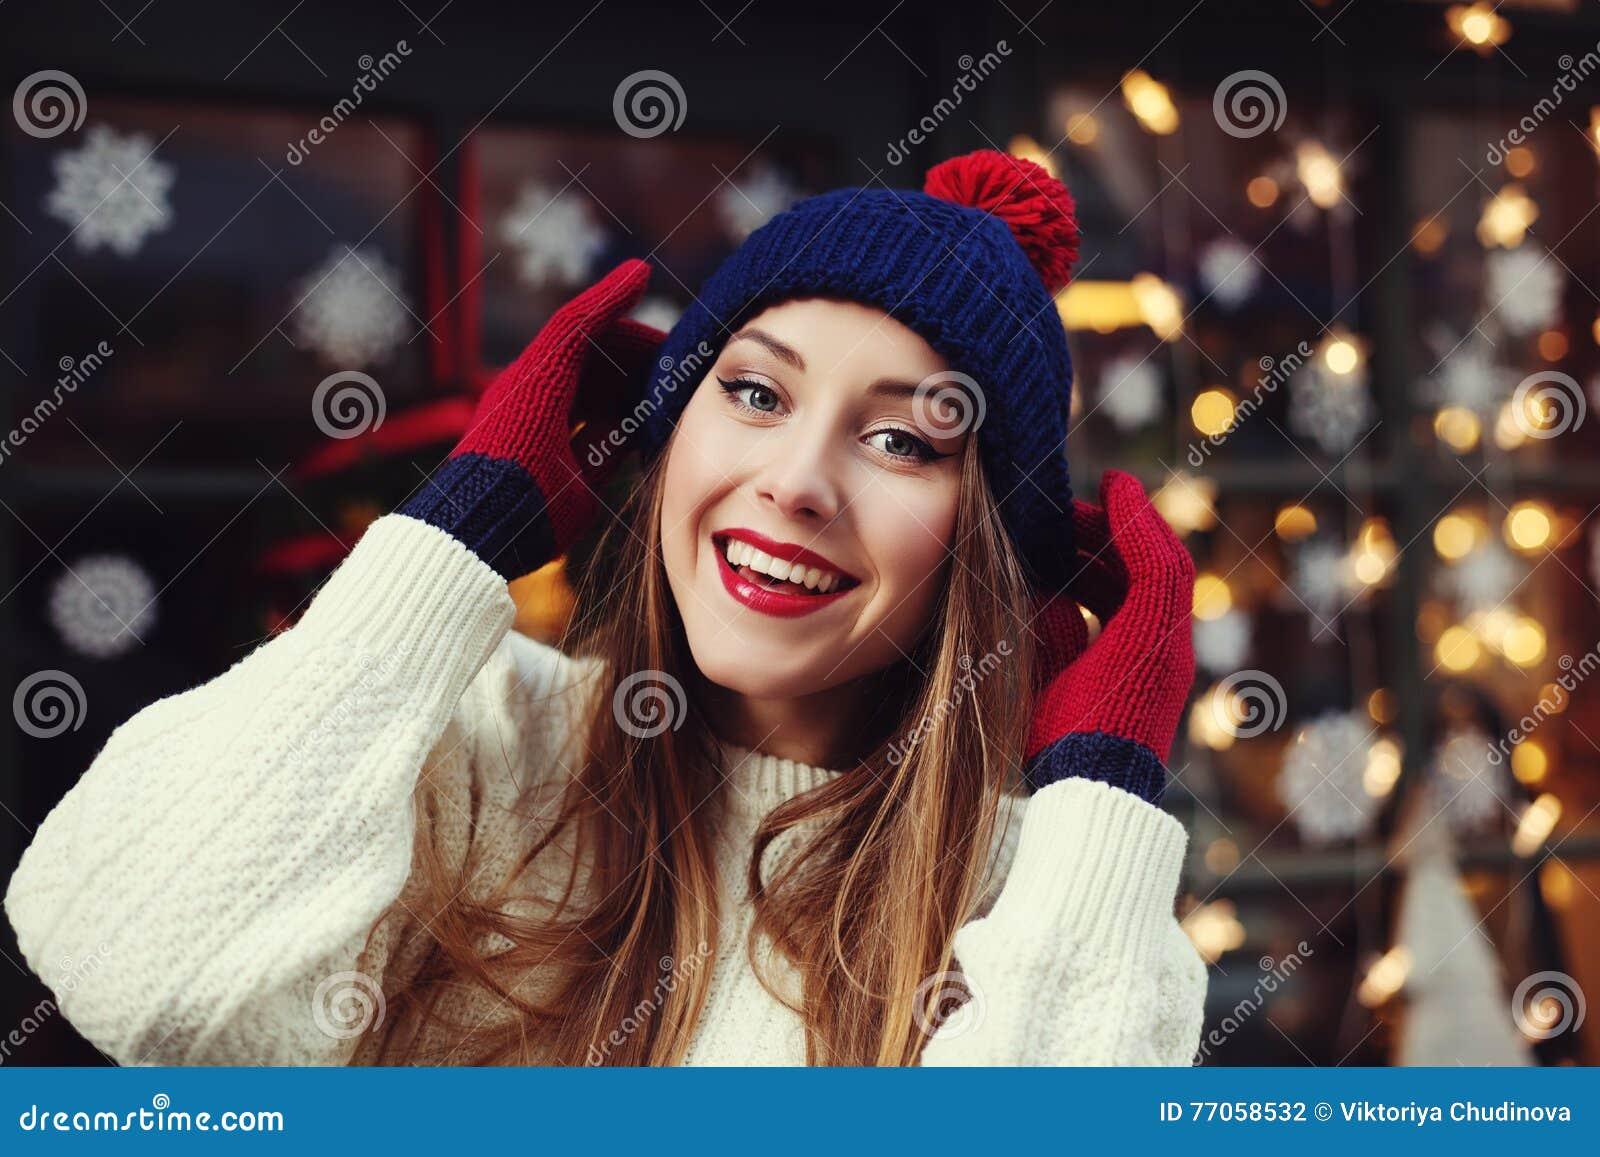 Το πορτρέτο οδών της χαμογελώντας όμορφης νέας γυναίκας που φορά το μοντέρνο κλασικό χειμώνα έπλεξε τα ενδύματα Πρότυπη εξέταση τ